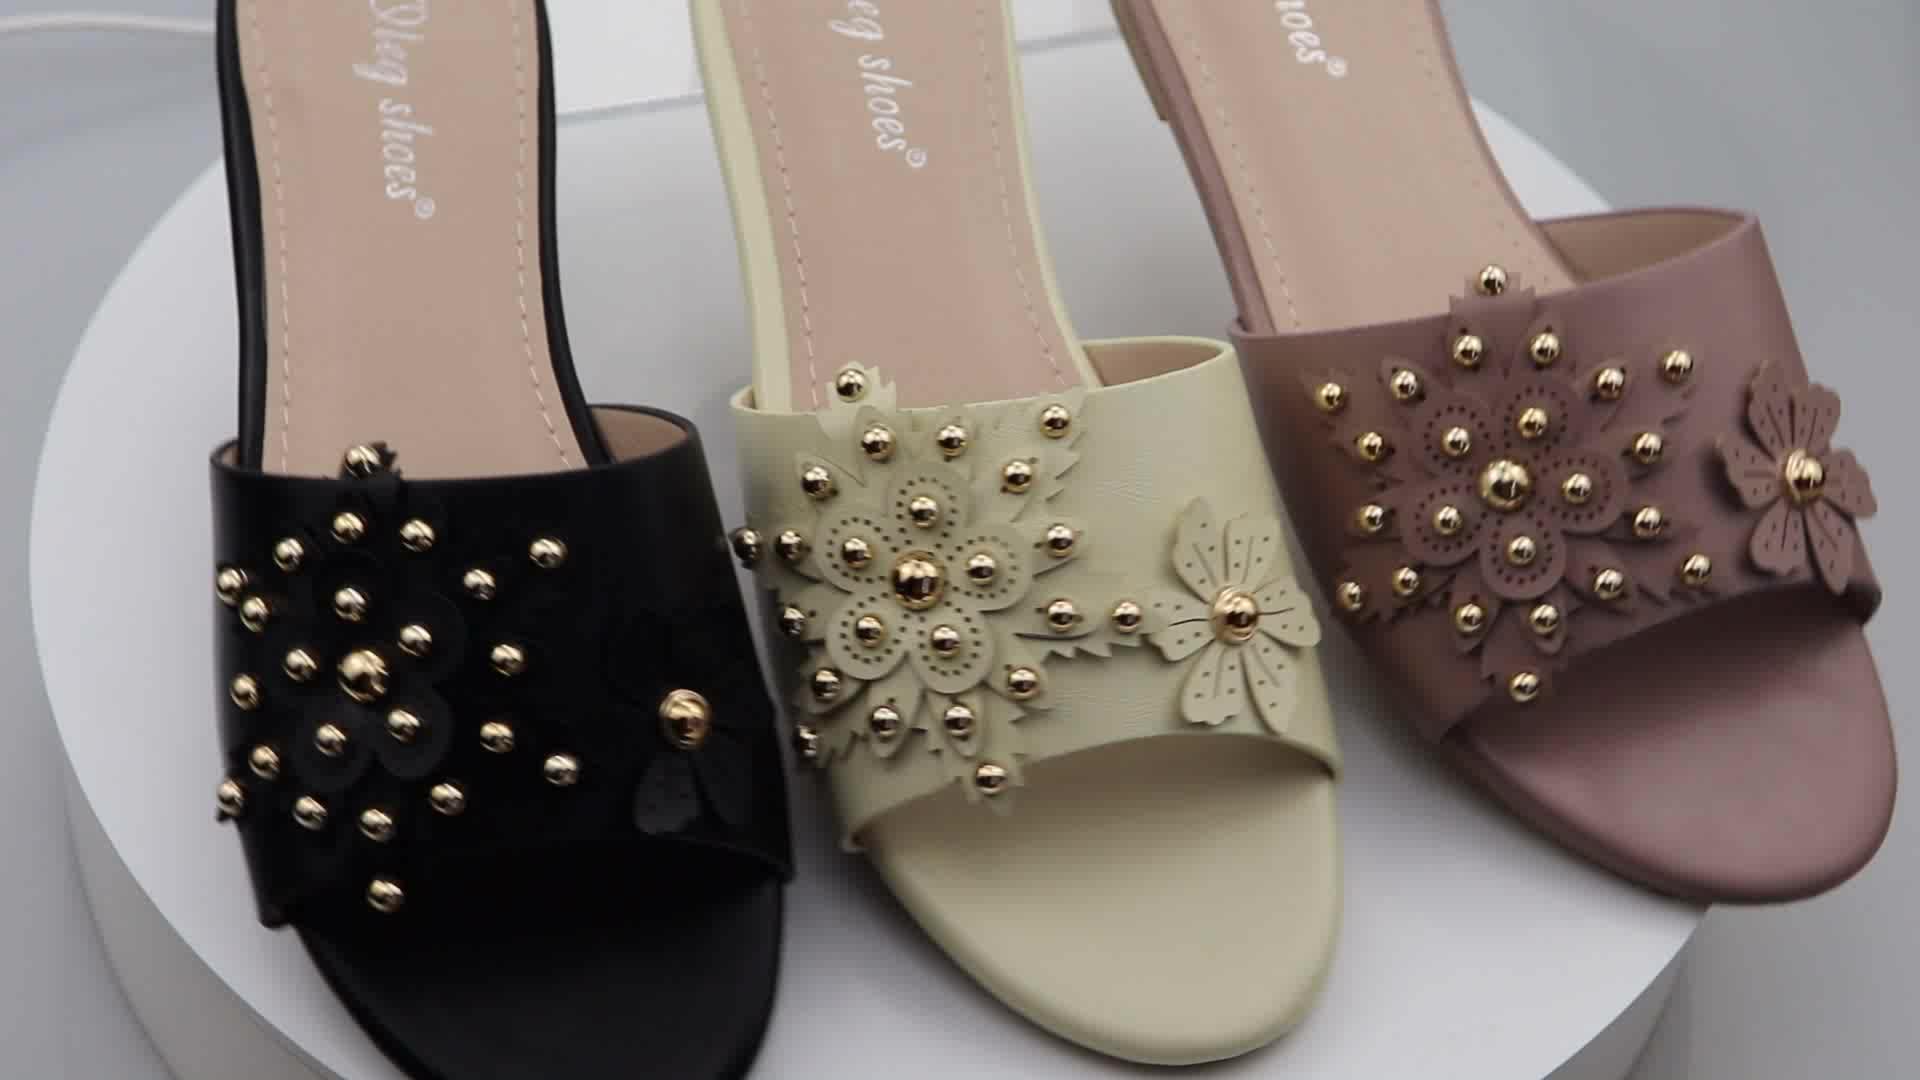 DELL'UNITÀ di elaborazione delle signore del commercio all'ingrosso scarpe basse di disegno del fiore pantofole dei sandali per le parti o di shopping diapositive